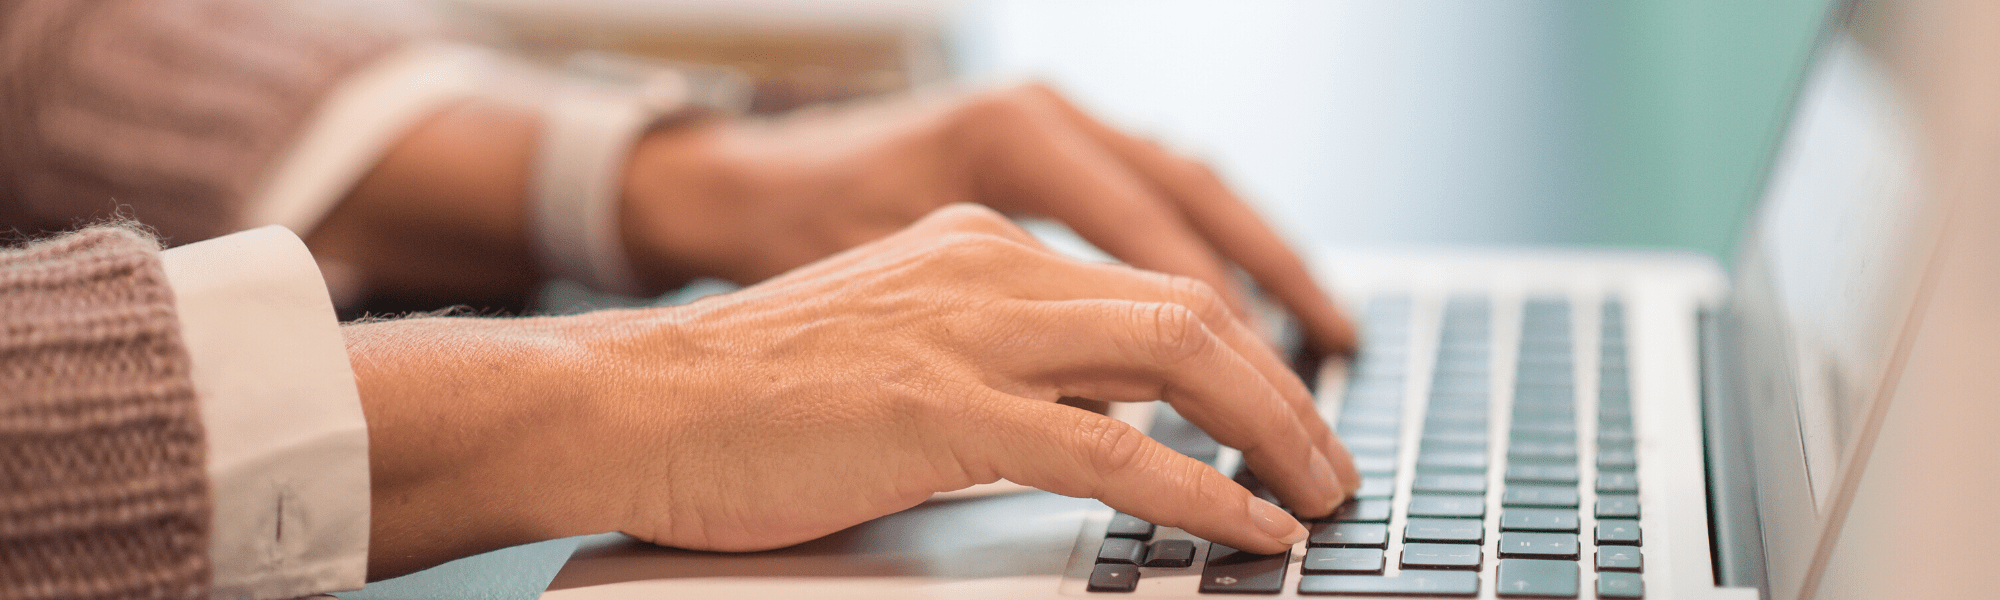 online loopbaancoach koers bepalen